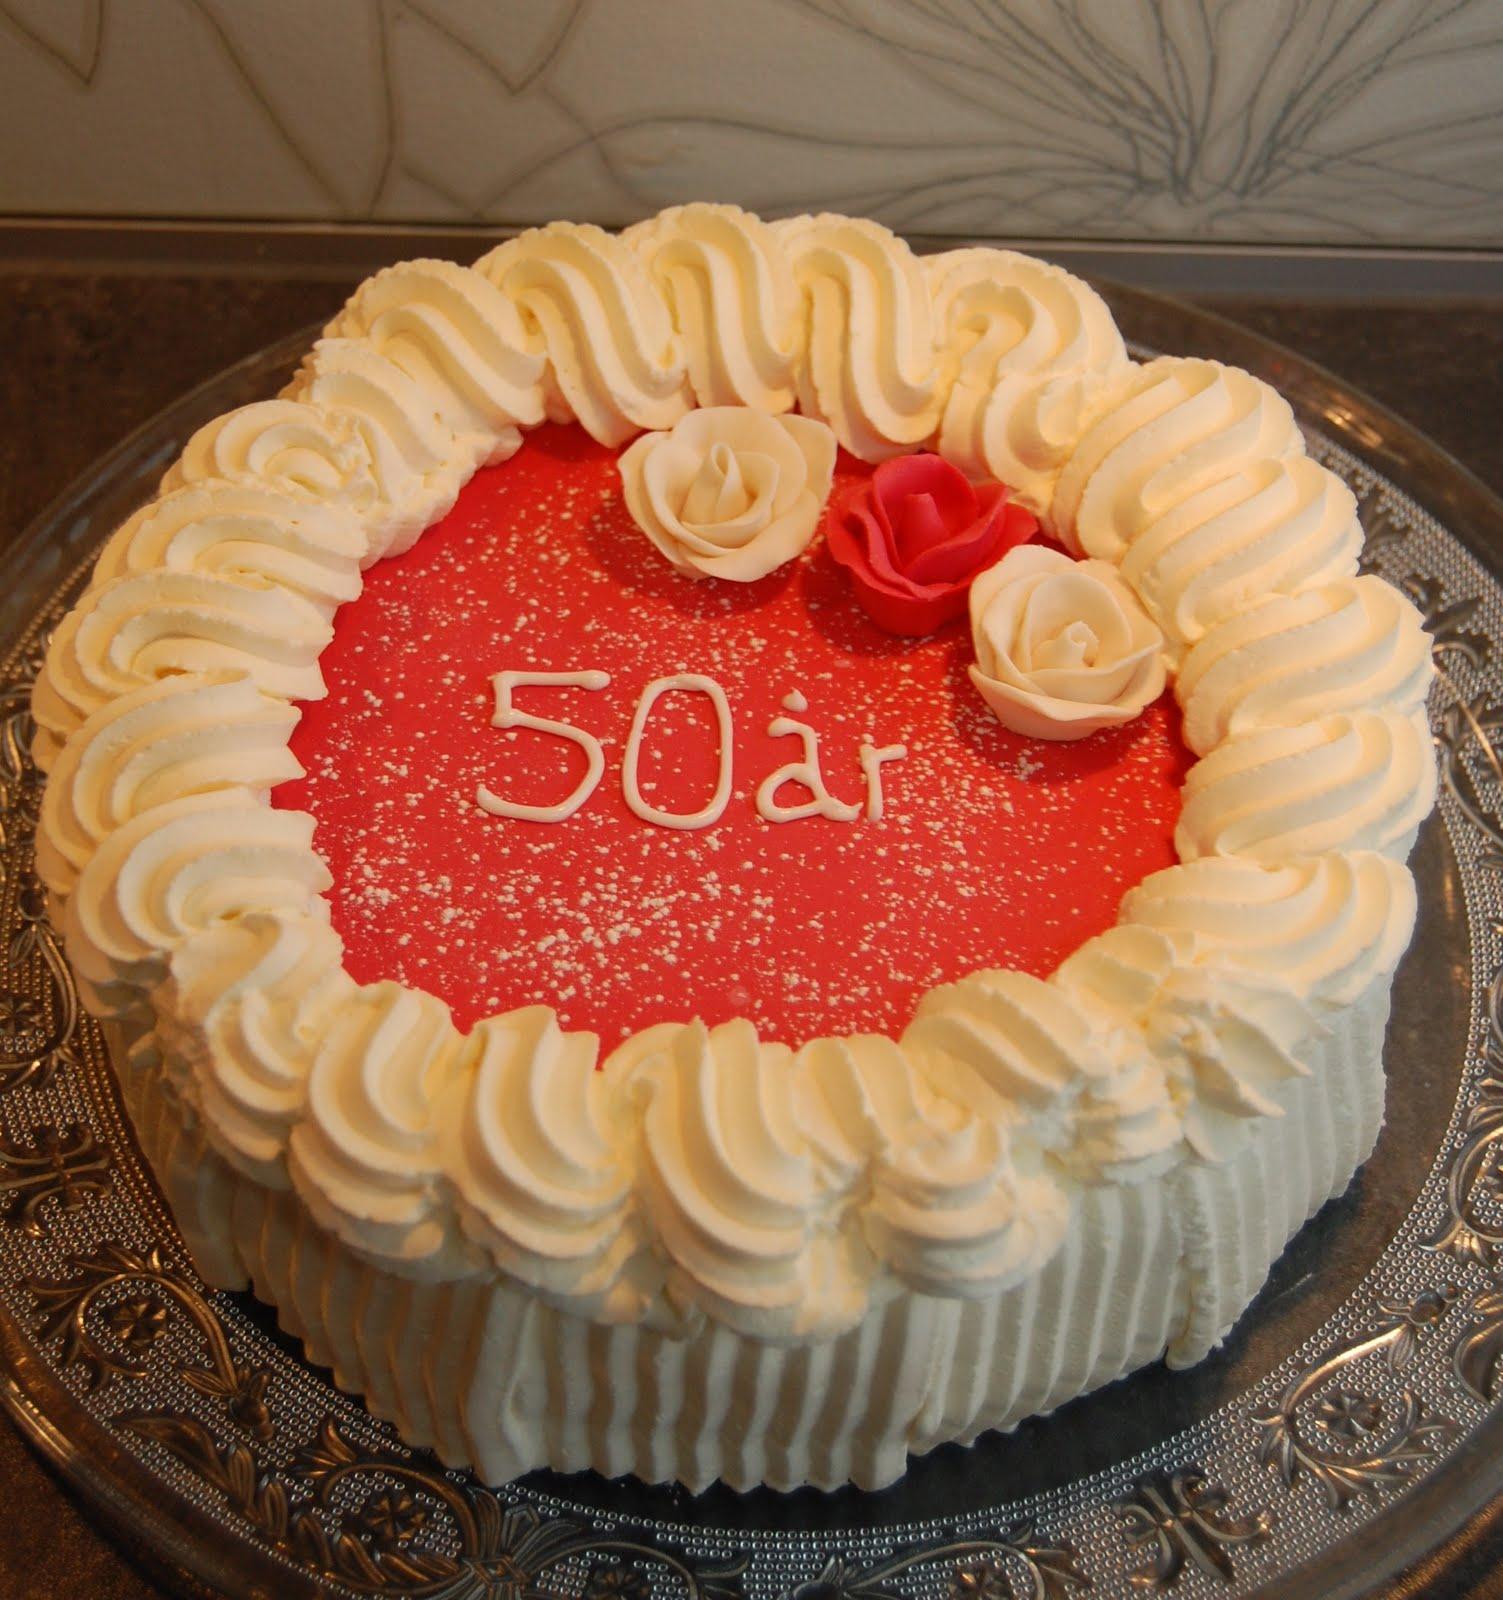 50 års tårta Tinky's kakblogg!: 50 årstårta 50 års tårta